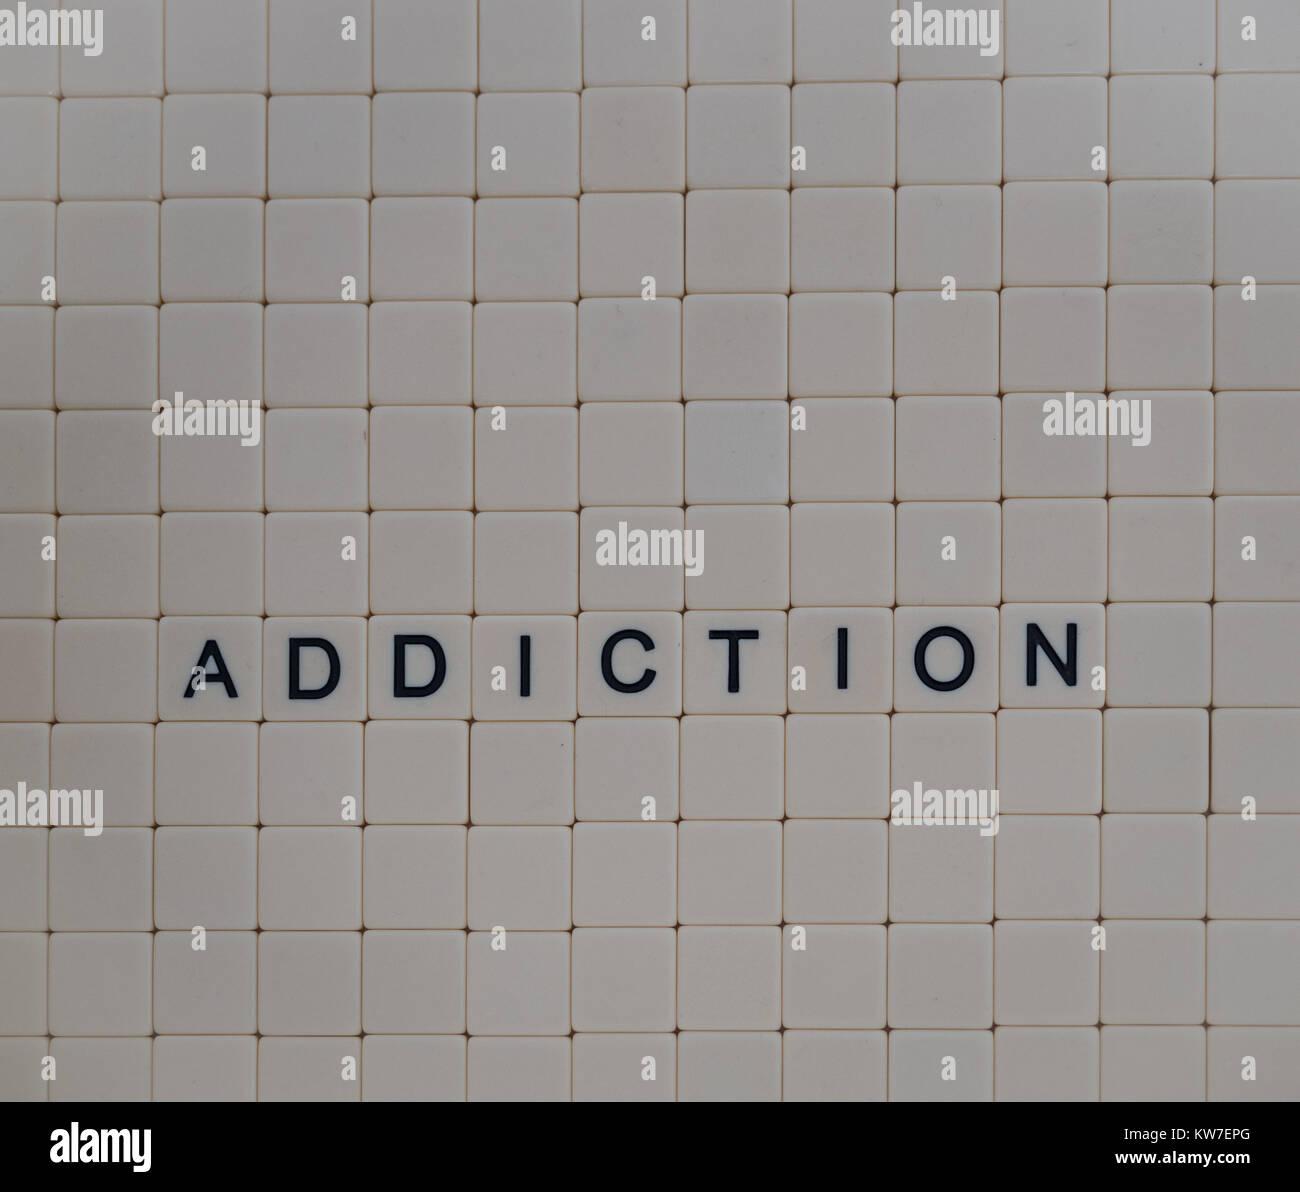 Addiction scritto in lettere maiuscole nere su mattonelle beige con uno sfondo di piastrelle bianche. Fotografato Immagini Stock